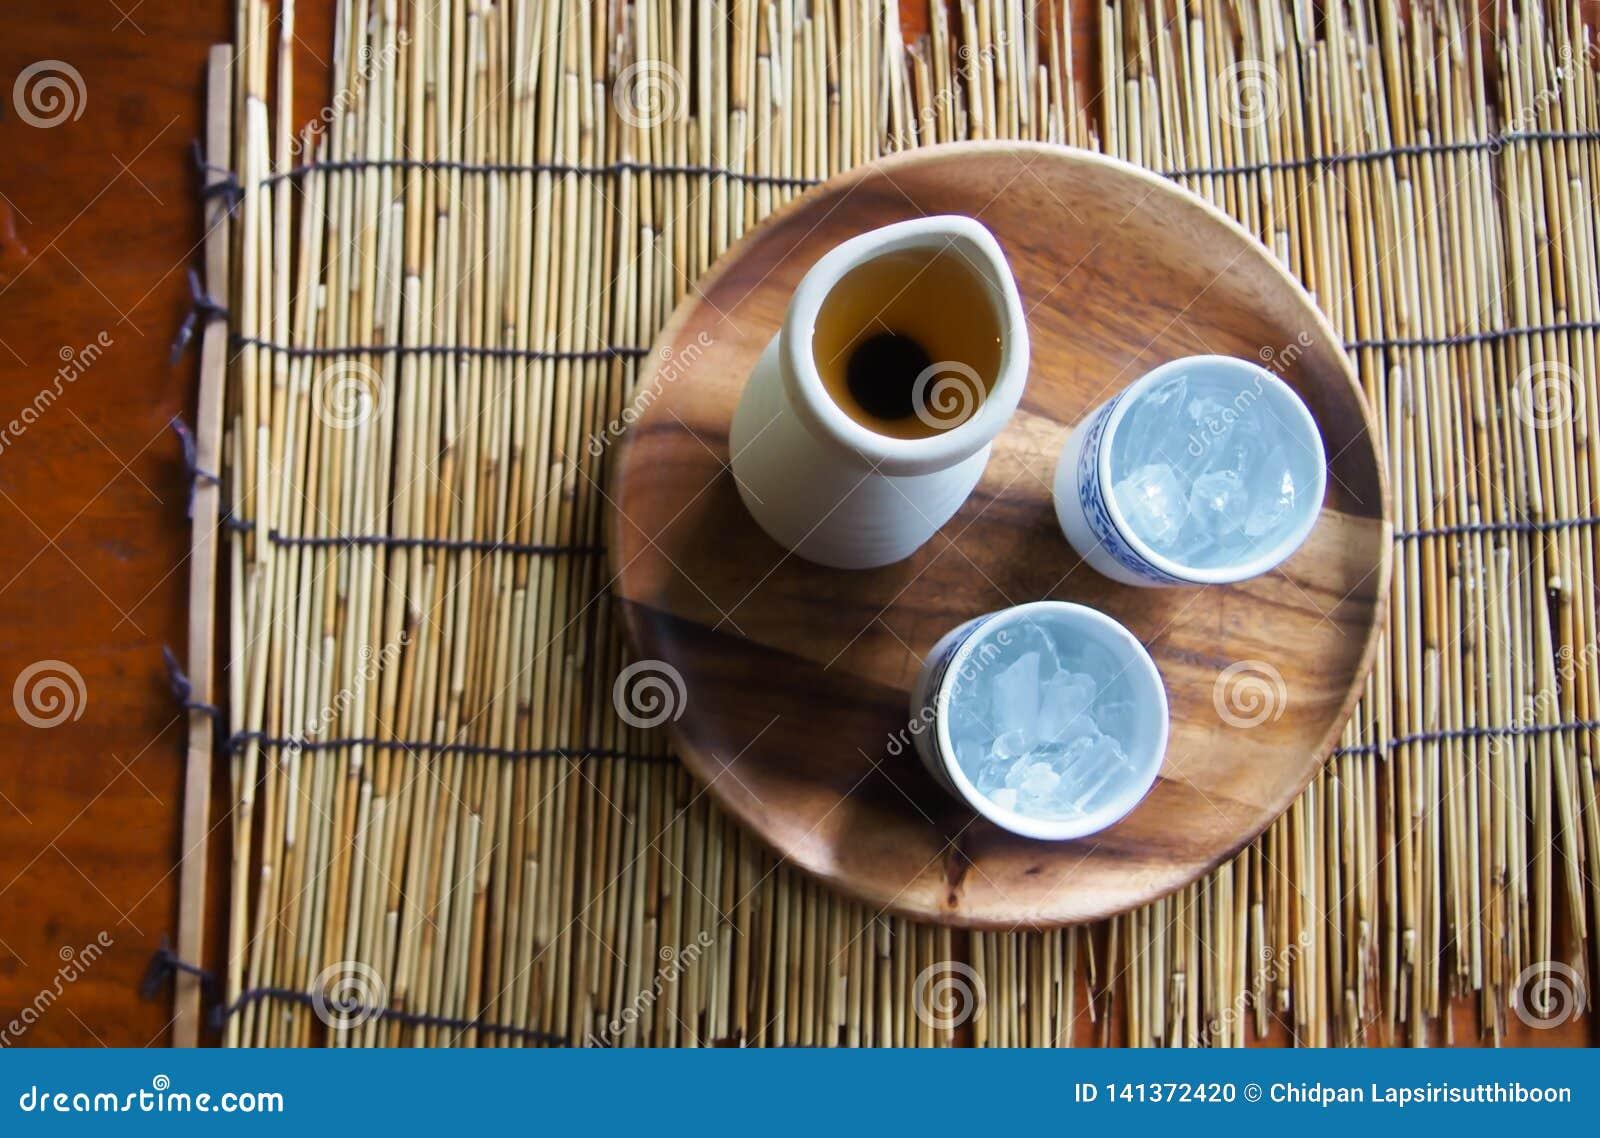 Hoogste mening van theepot en glas bevroren thee Voor een houten plaat, die op een bamboemat en op een lijst wordt geplaatst